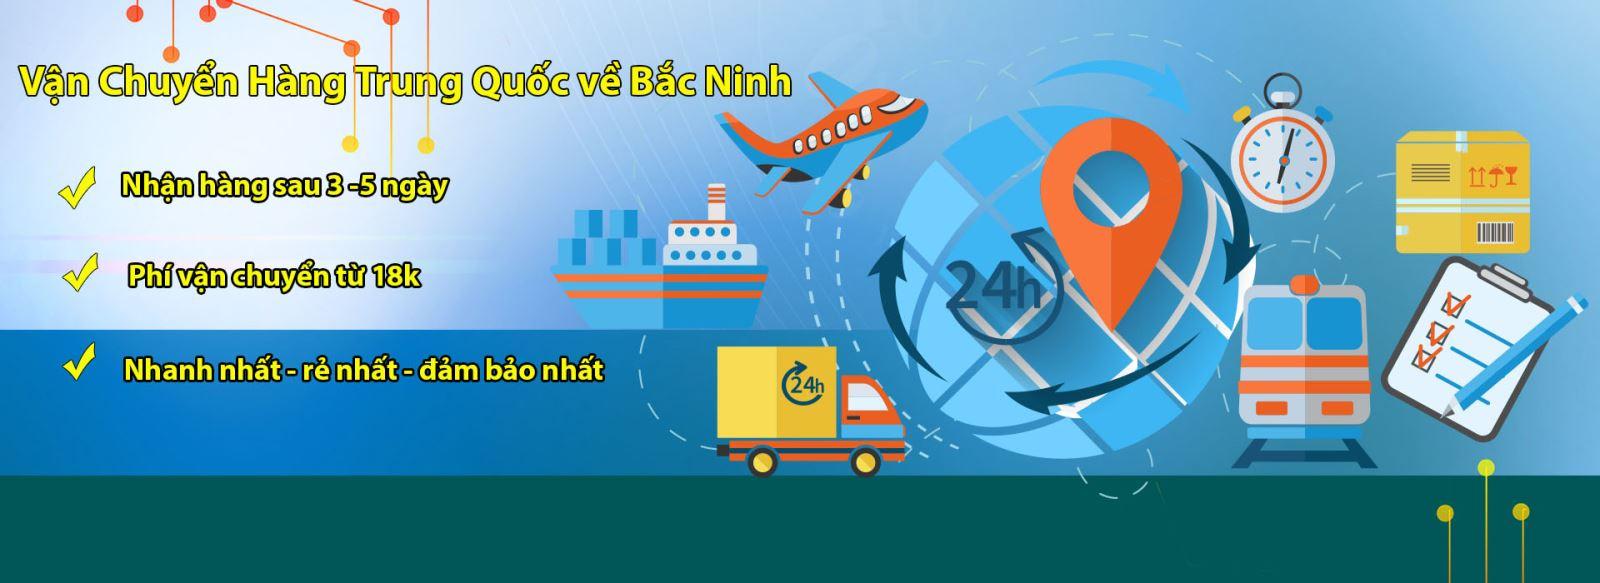 vận chuyển hàng Trung Quốc về Bắc Ninh